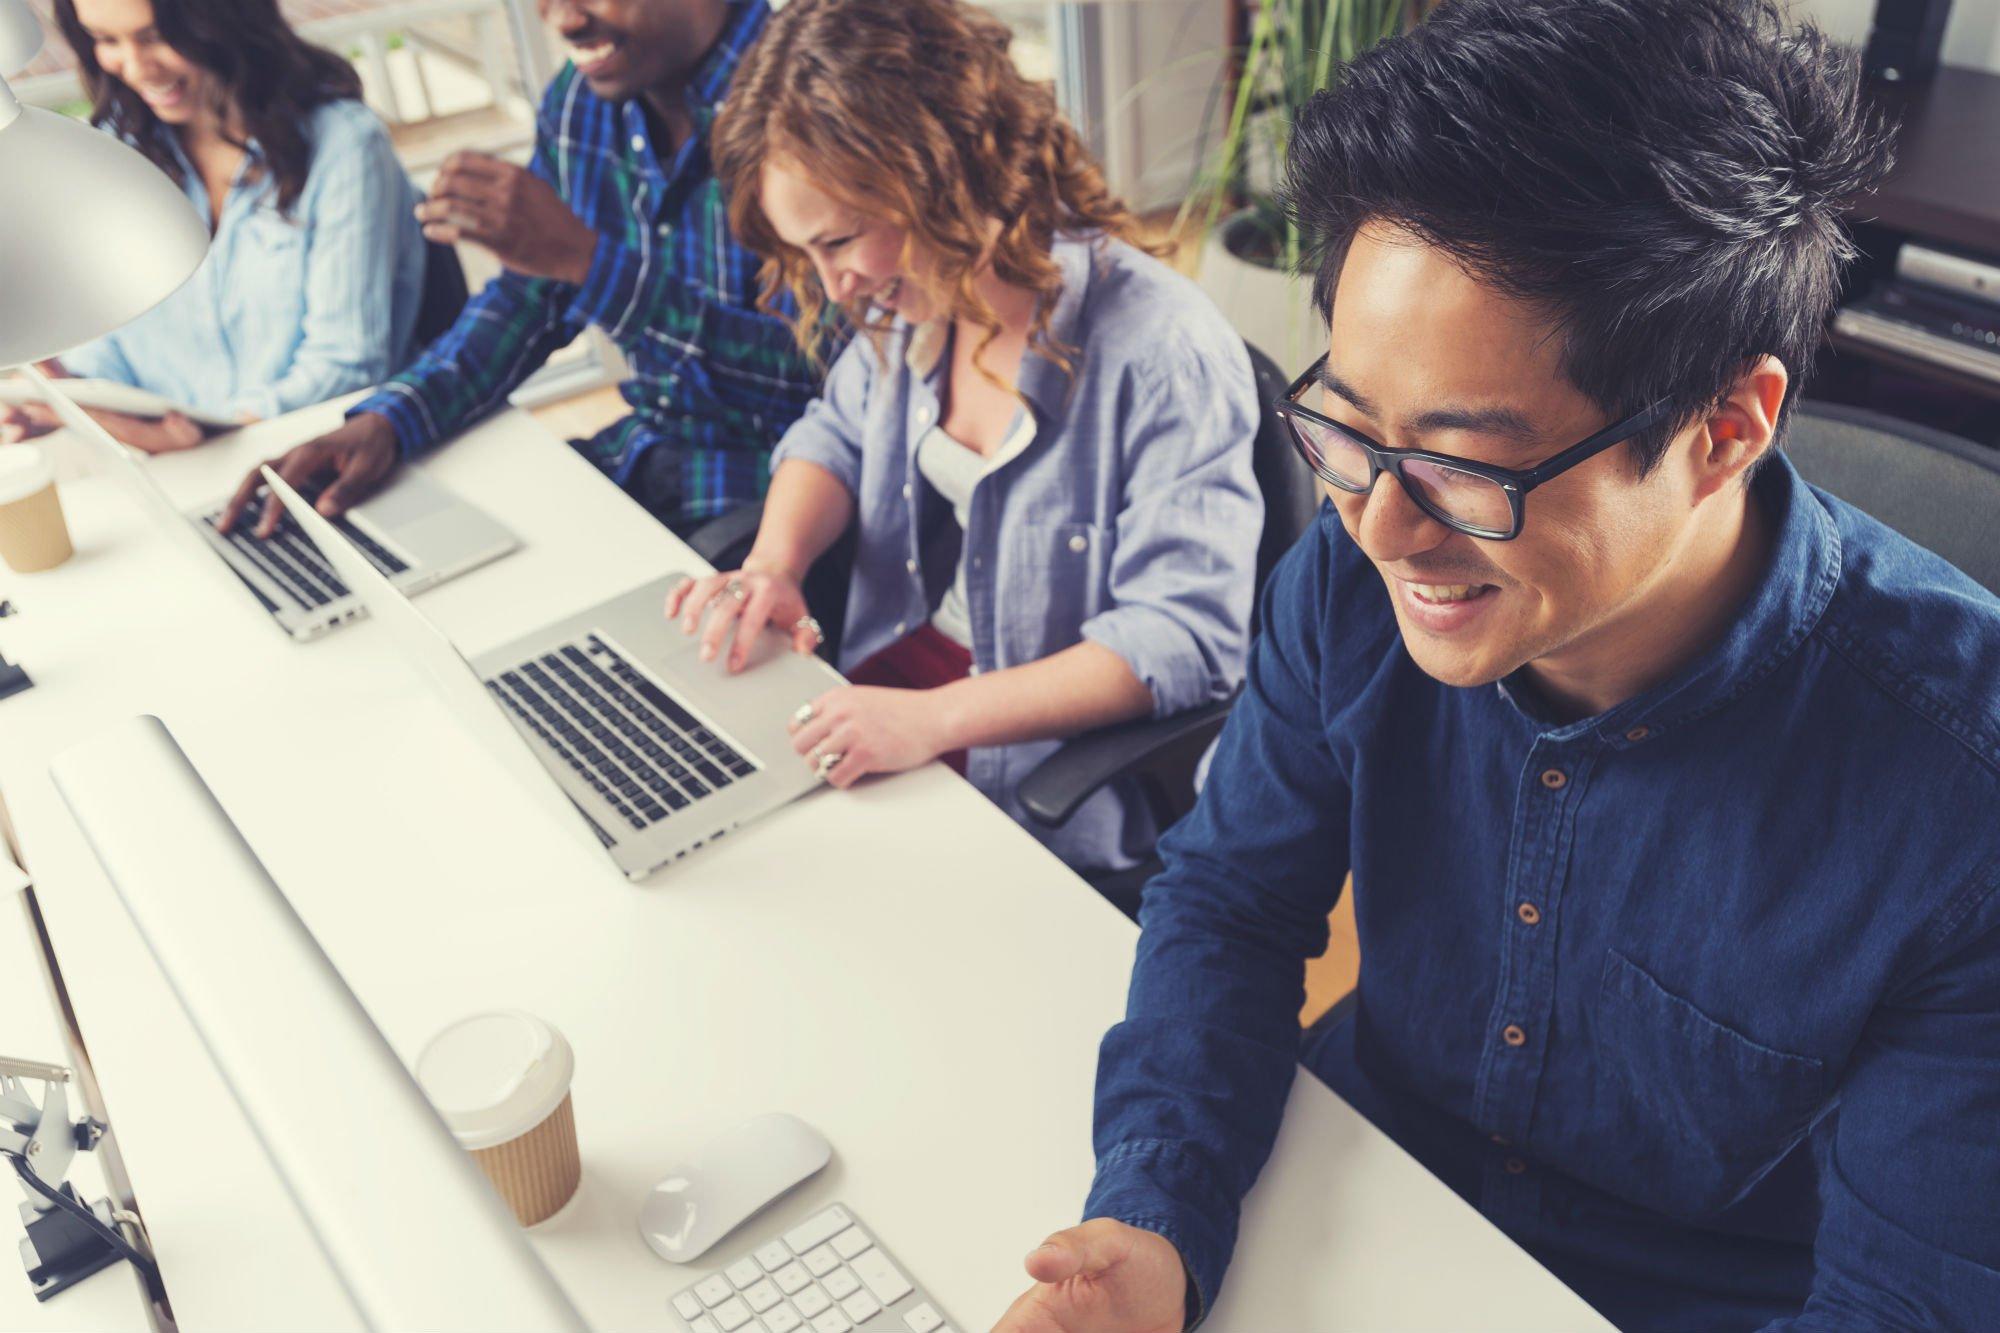 4 maneiras criativas de atrair e manter funcionários millennials